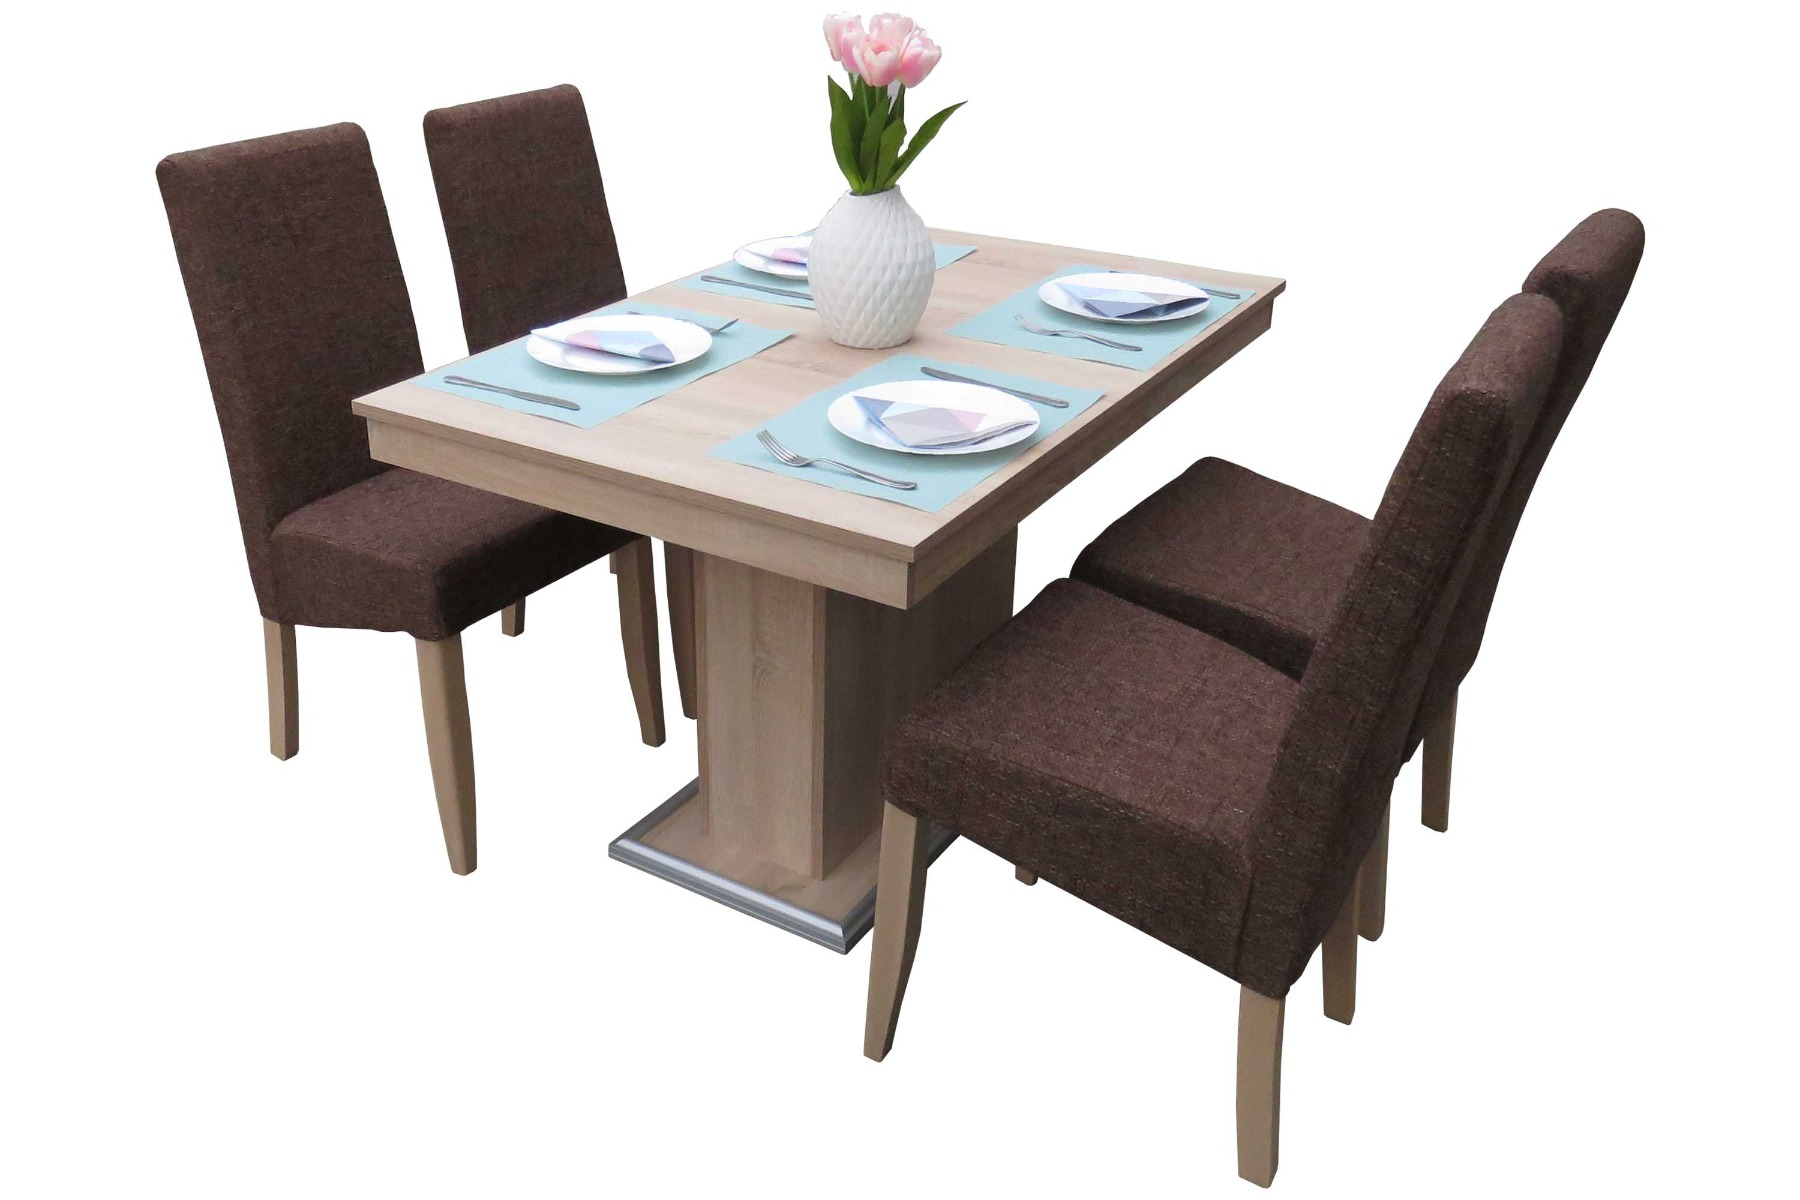 petra étkező flóra asztallal